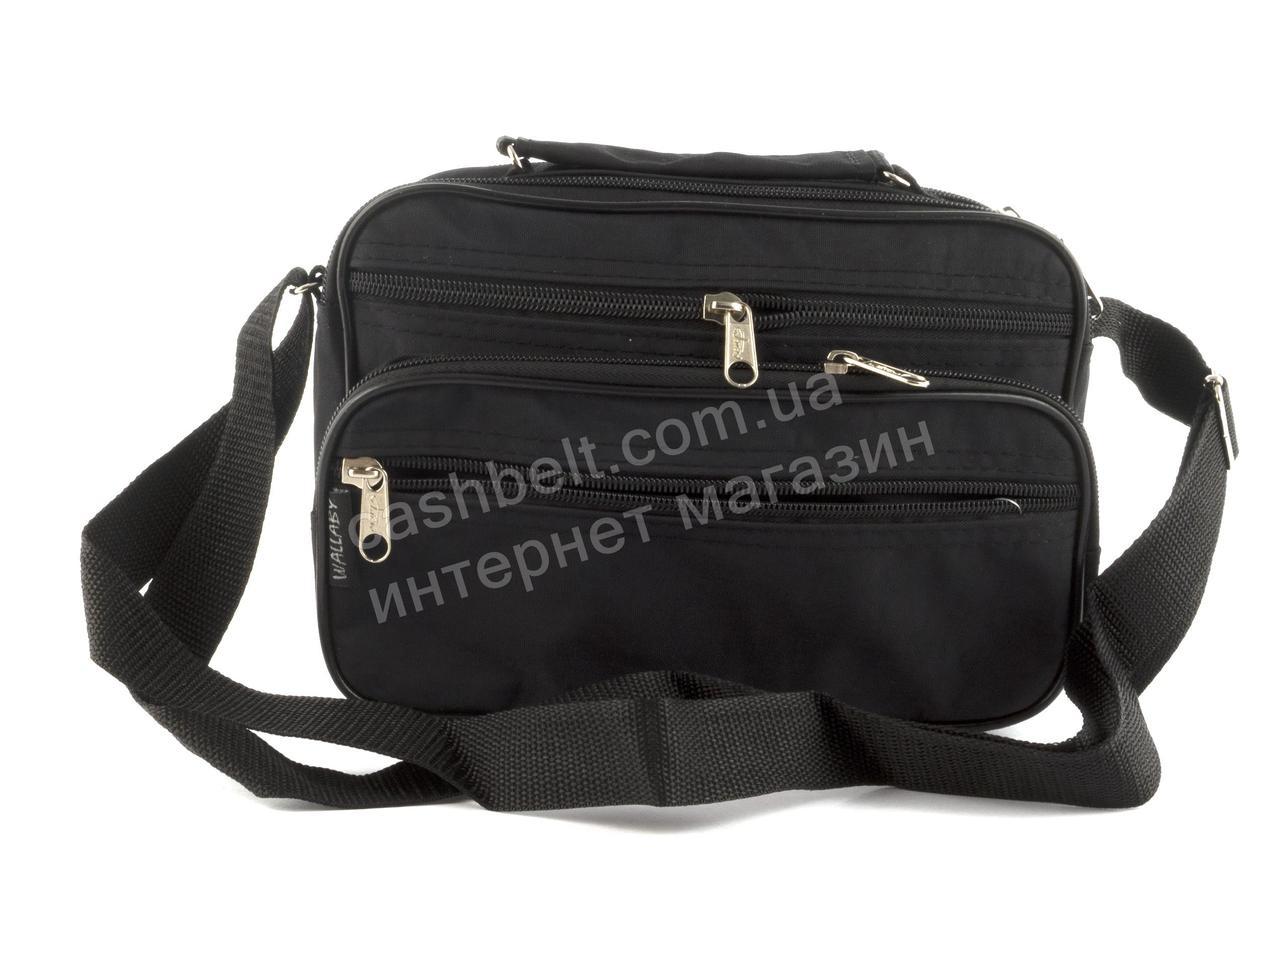 Удобная небольшая мужская сумка с плотной ткани WALLABY art. 2123 черная Украина